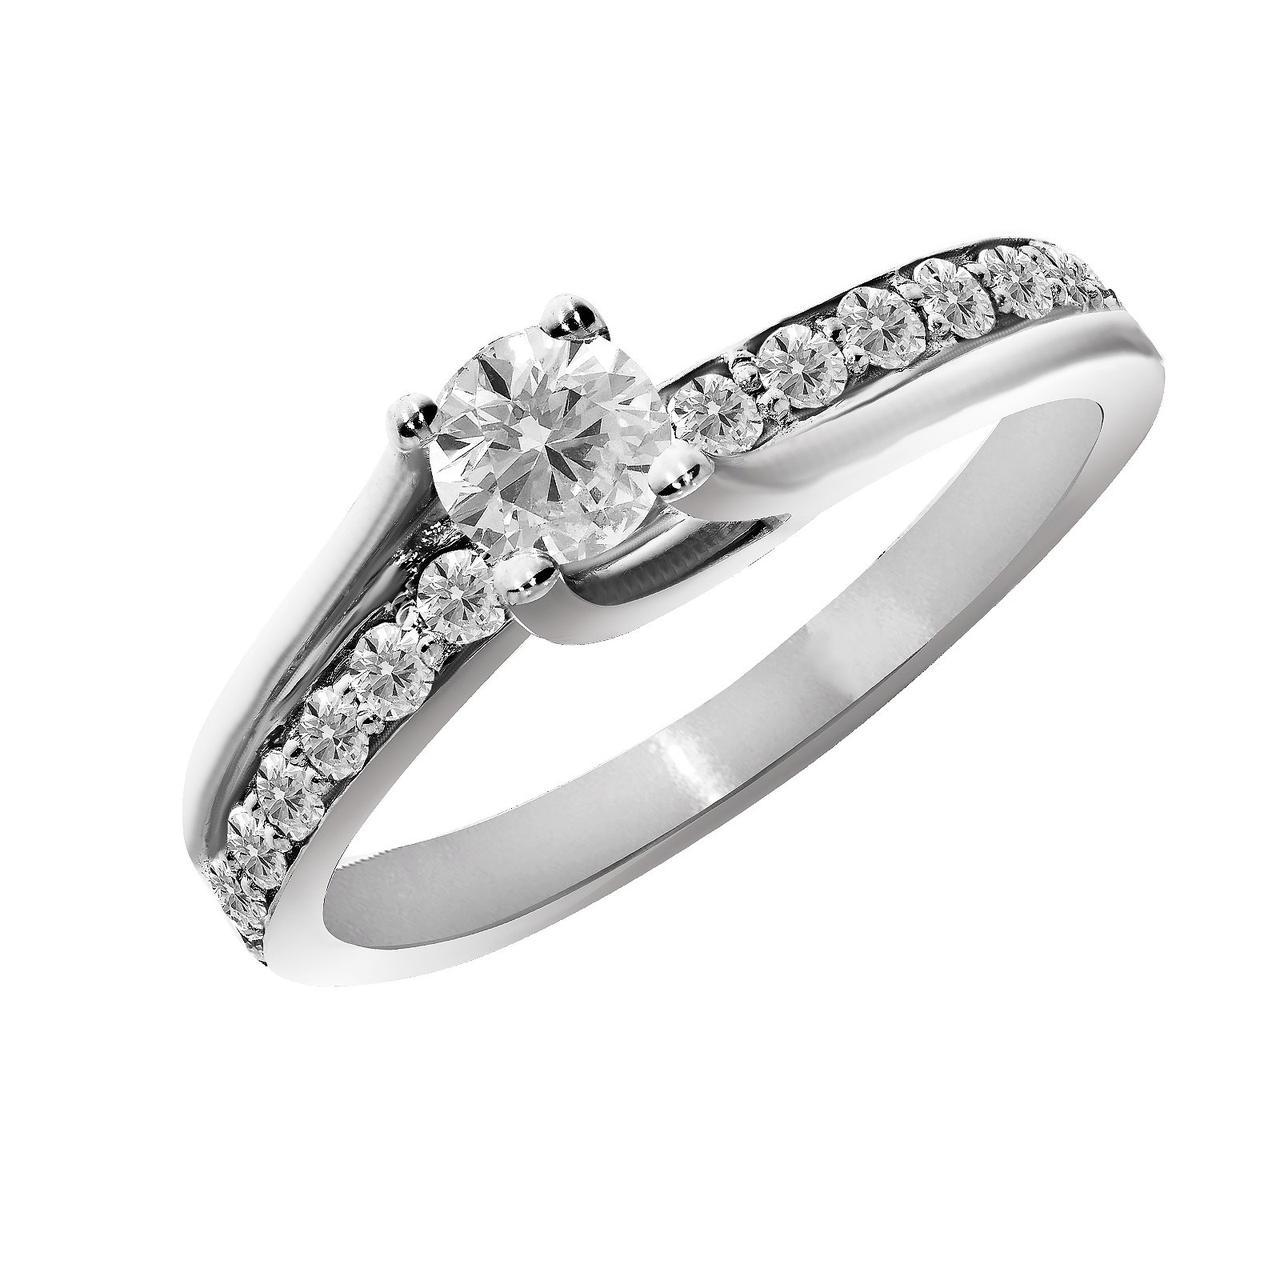 Золотое кольцо с бриллиантами, размер 17 (1313367)